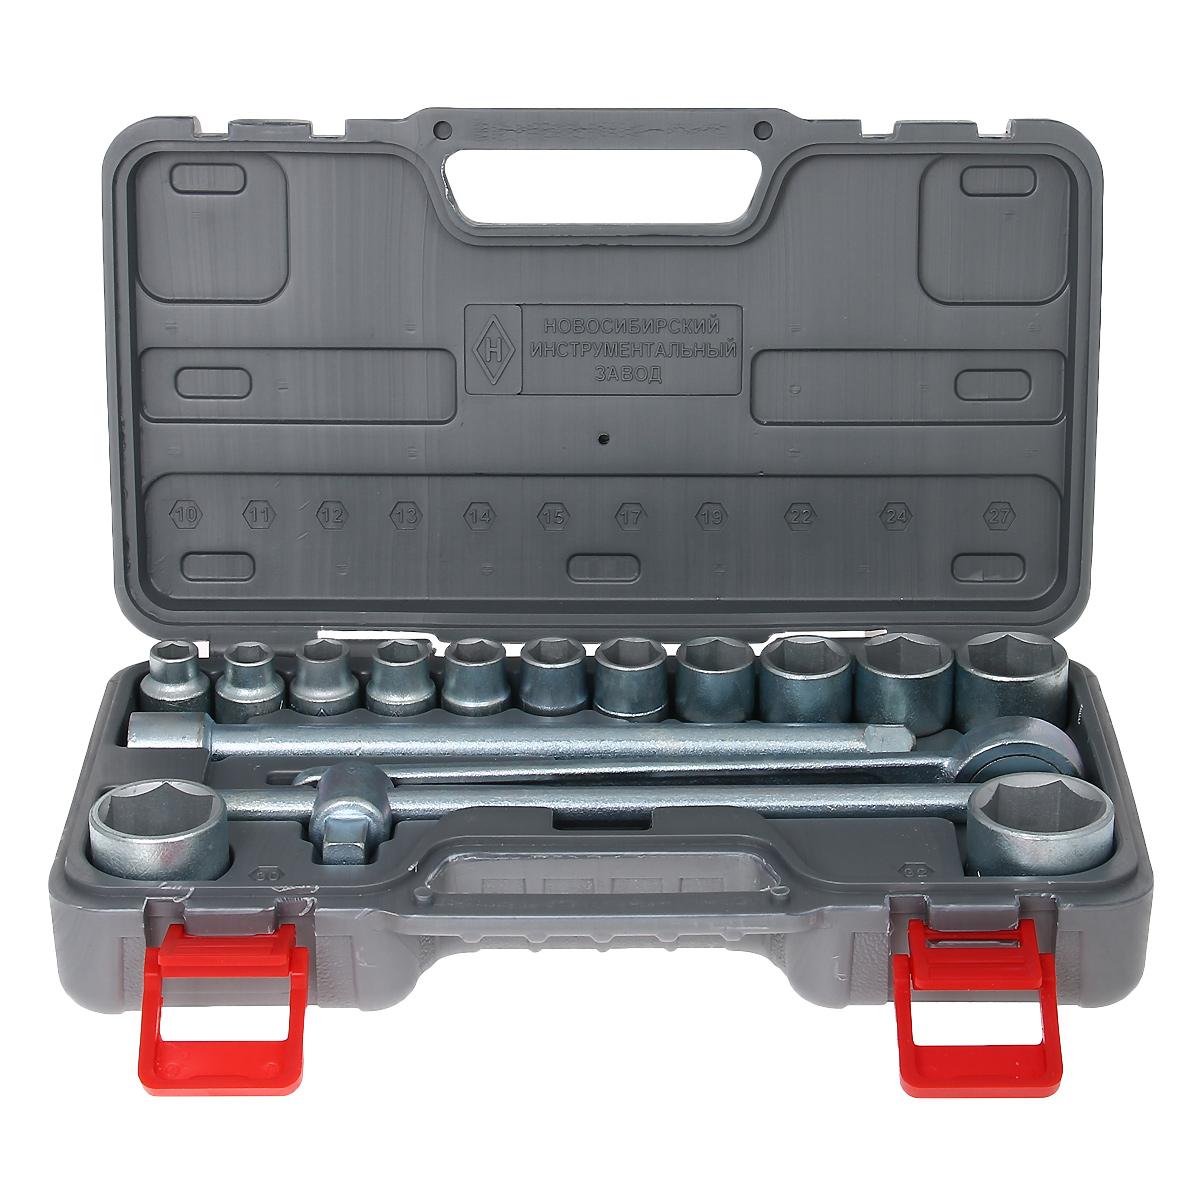 Набор шоферского инструмента № 2 НИЗ, 16 предметов13442Набор шоферского инструмента № 2 НИЗ включает: - головки сменные 1/2 10, 11, 12, 13, 14, 15, 17, 19, 22, 24, 27, 30 и 32 мм, - ключ с присоединительным квадратом 1/2, - трещоточный ключ 1/2, - удлинитель 250 мм 1/2. Все инструменты изготовлены из инструментальной стали 40Х и оцинкованы. Набор укомплектован в пластиковый кейс. Материал: инструментальная сталь, пластик.